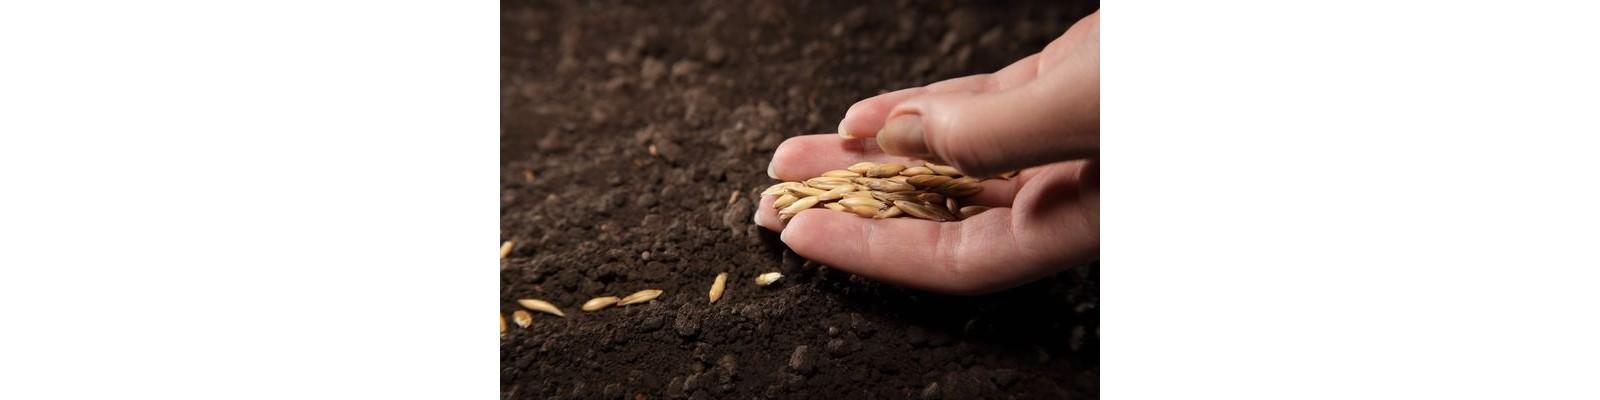 Semanatul semintelor